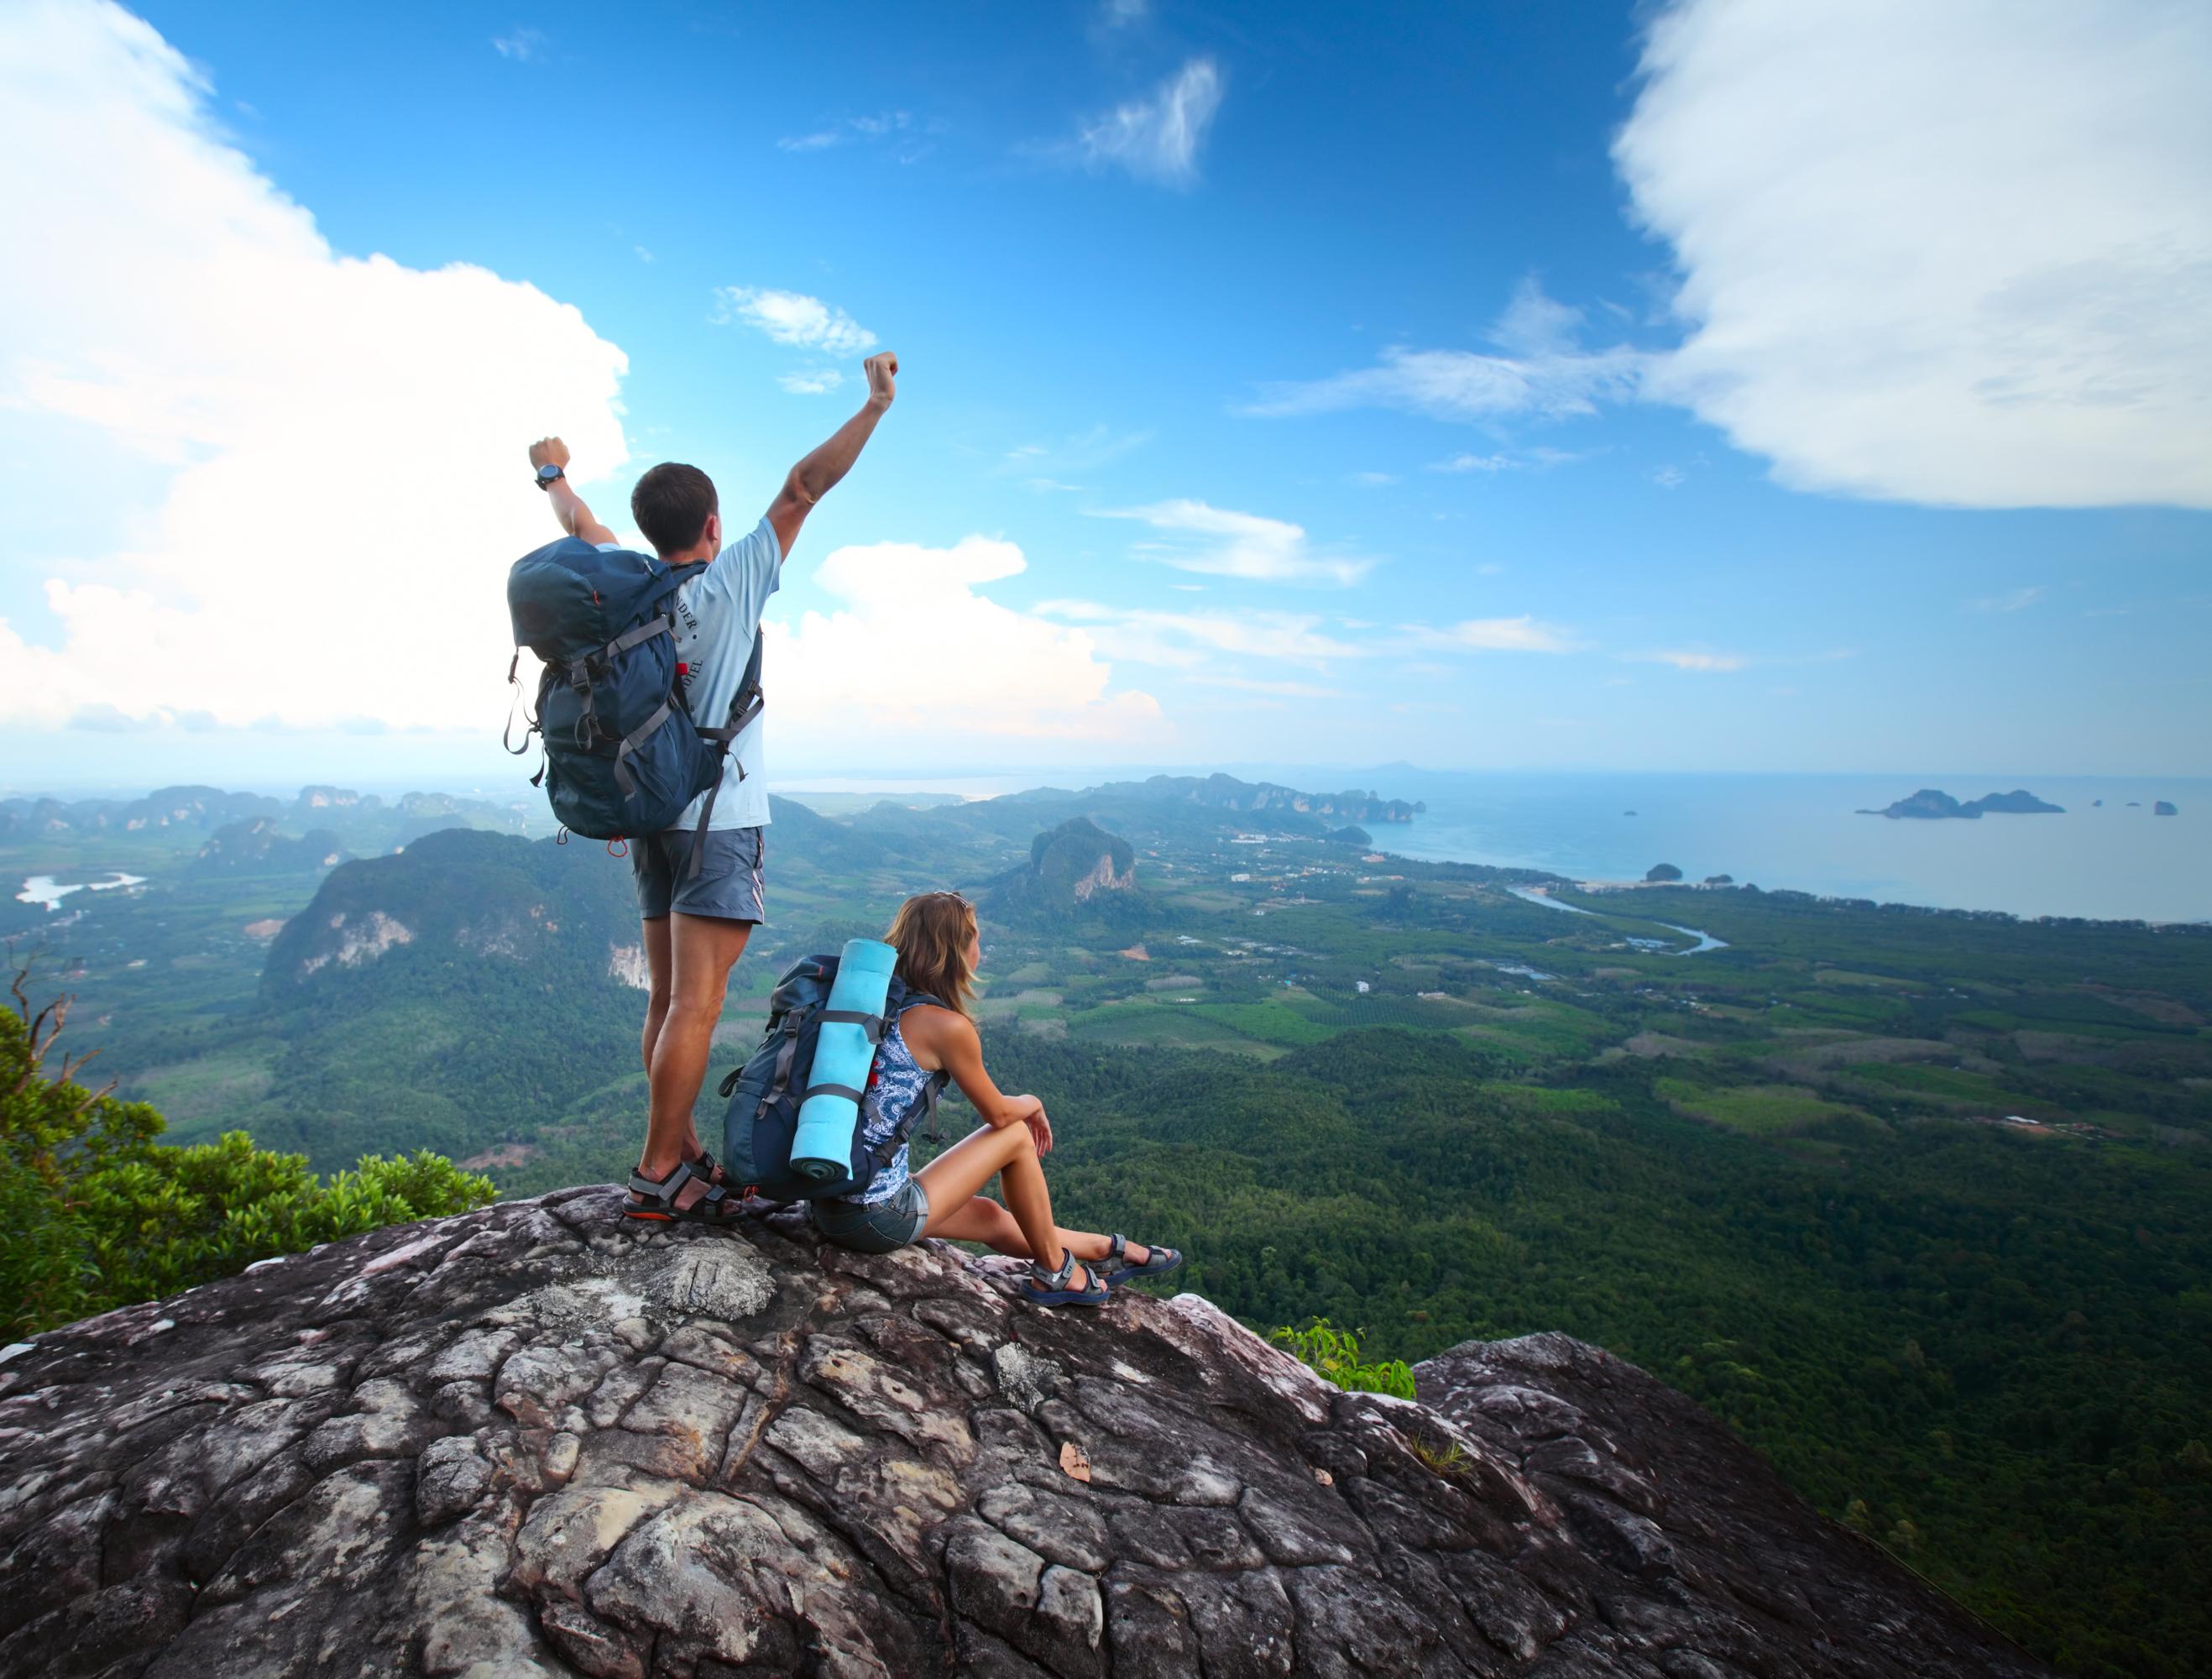 фото на тему туризм протокооперации являются взаимоотношения